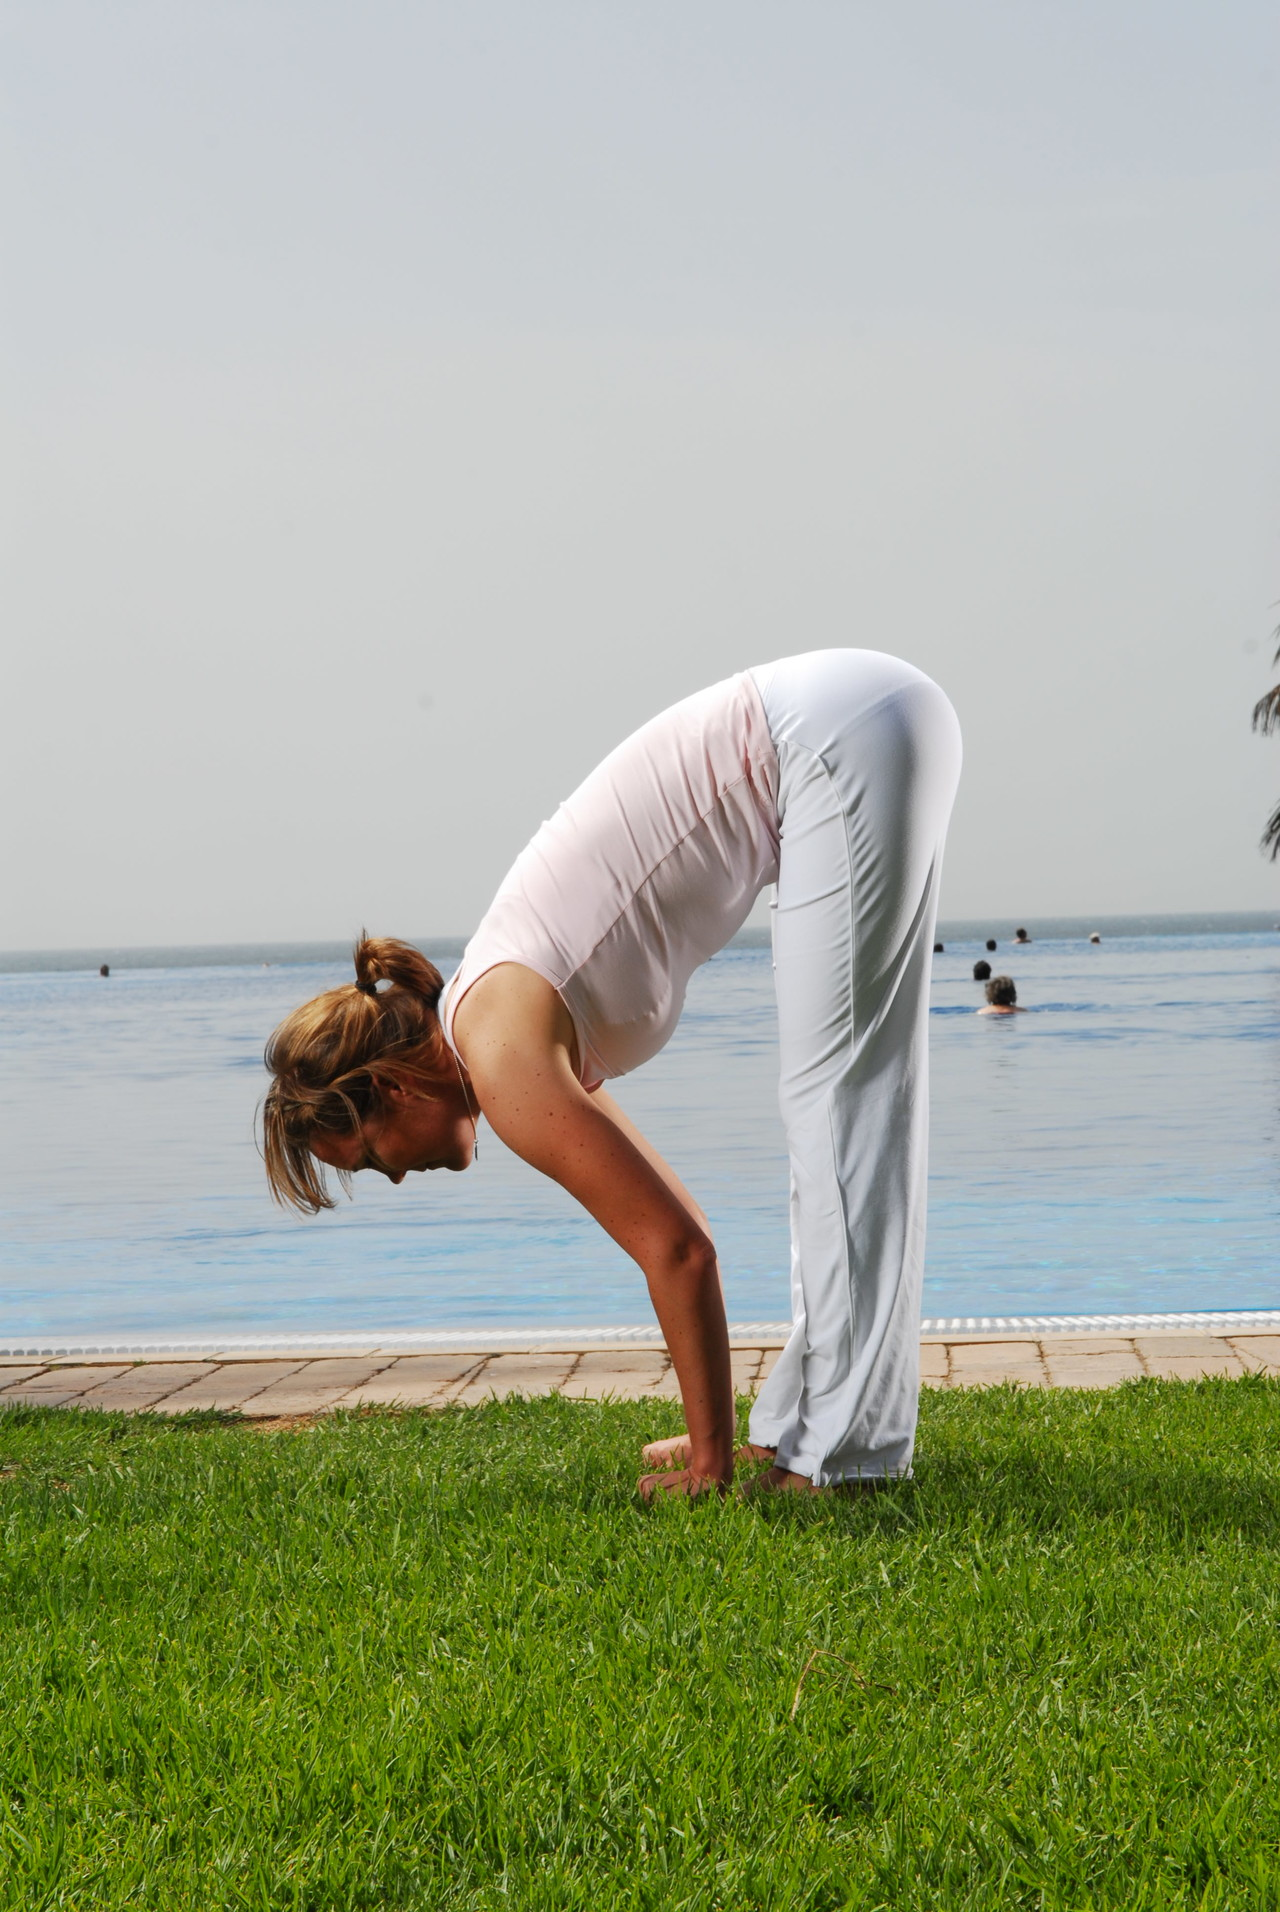 6 bra övningar för rörlighet och balans!